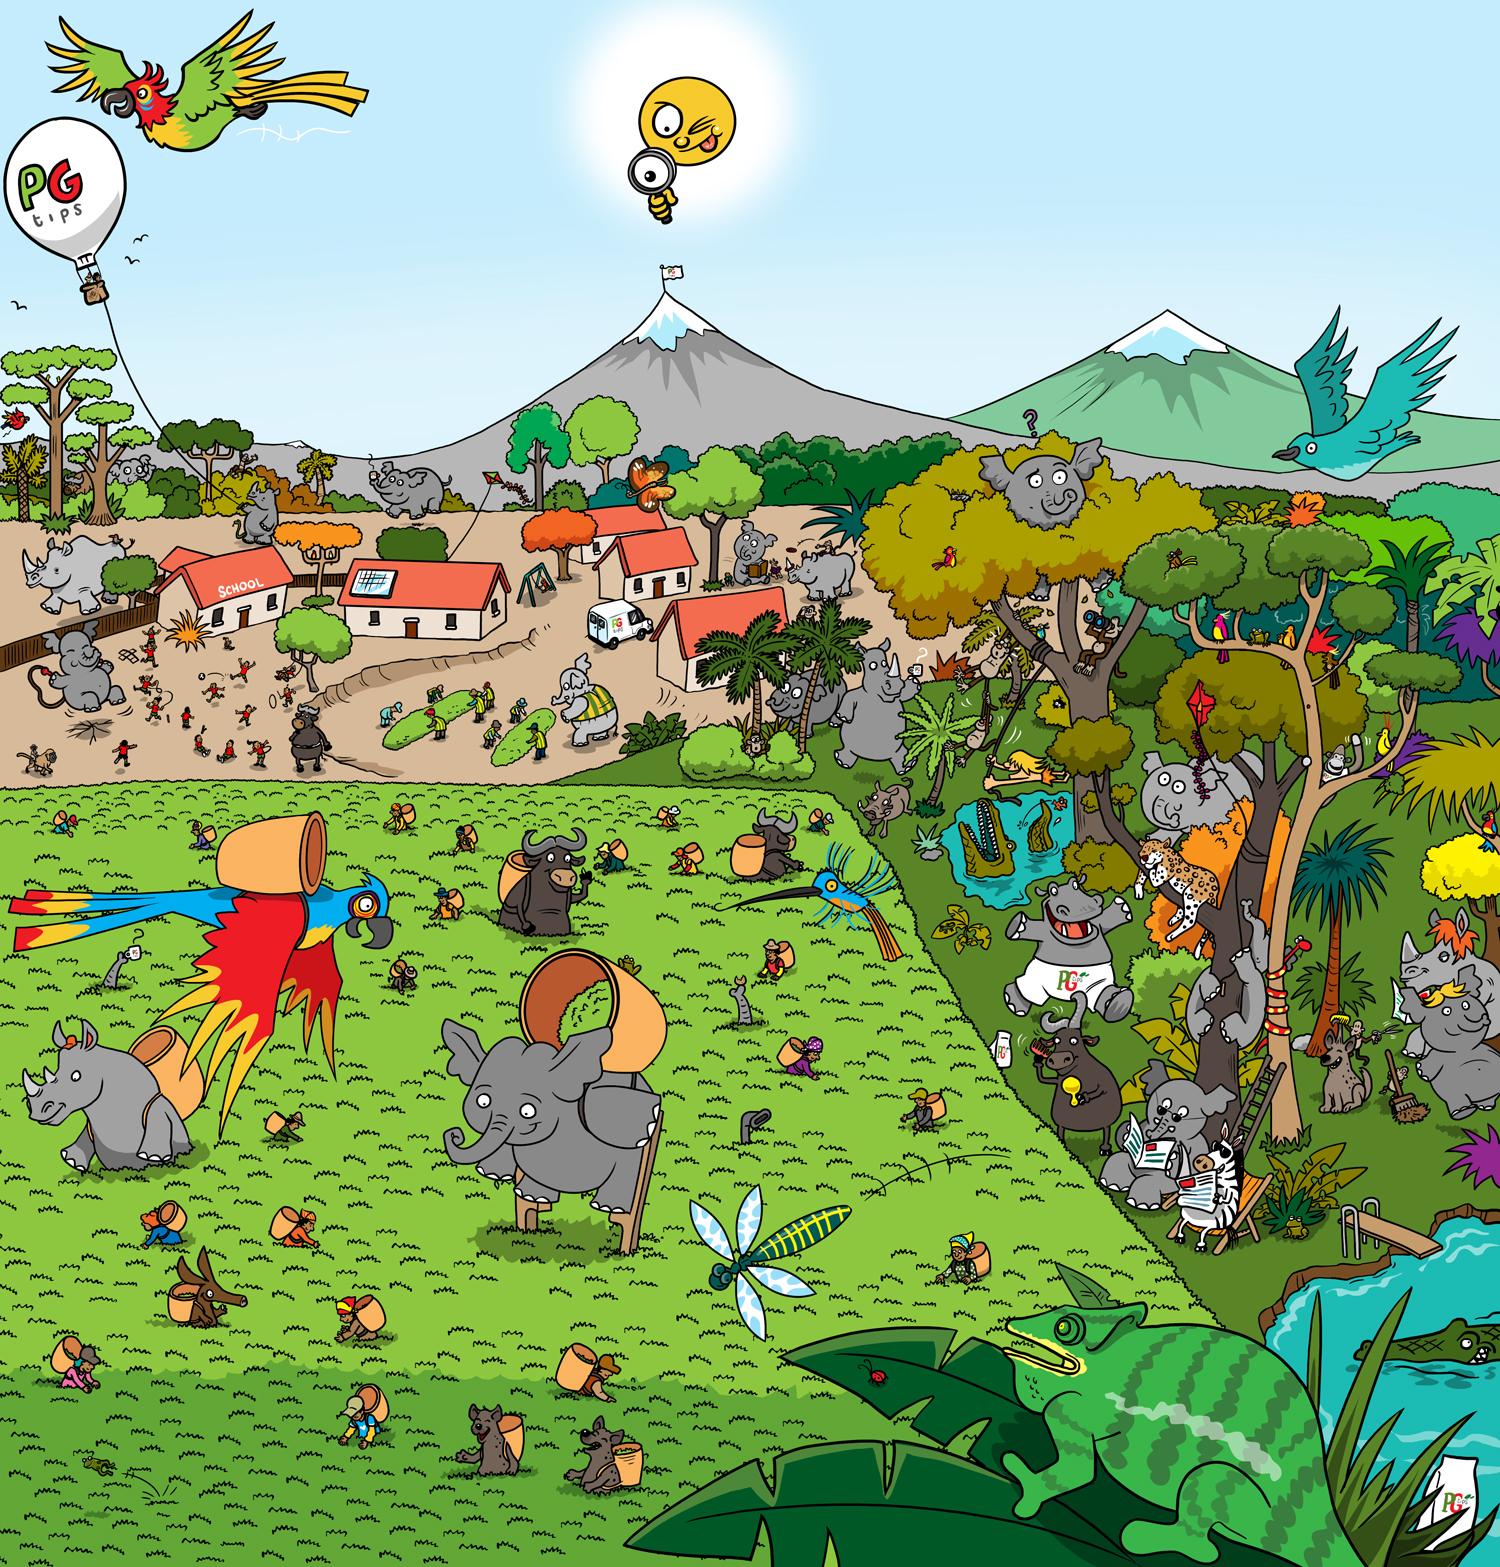 Animal kingdom illustration